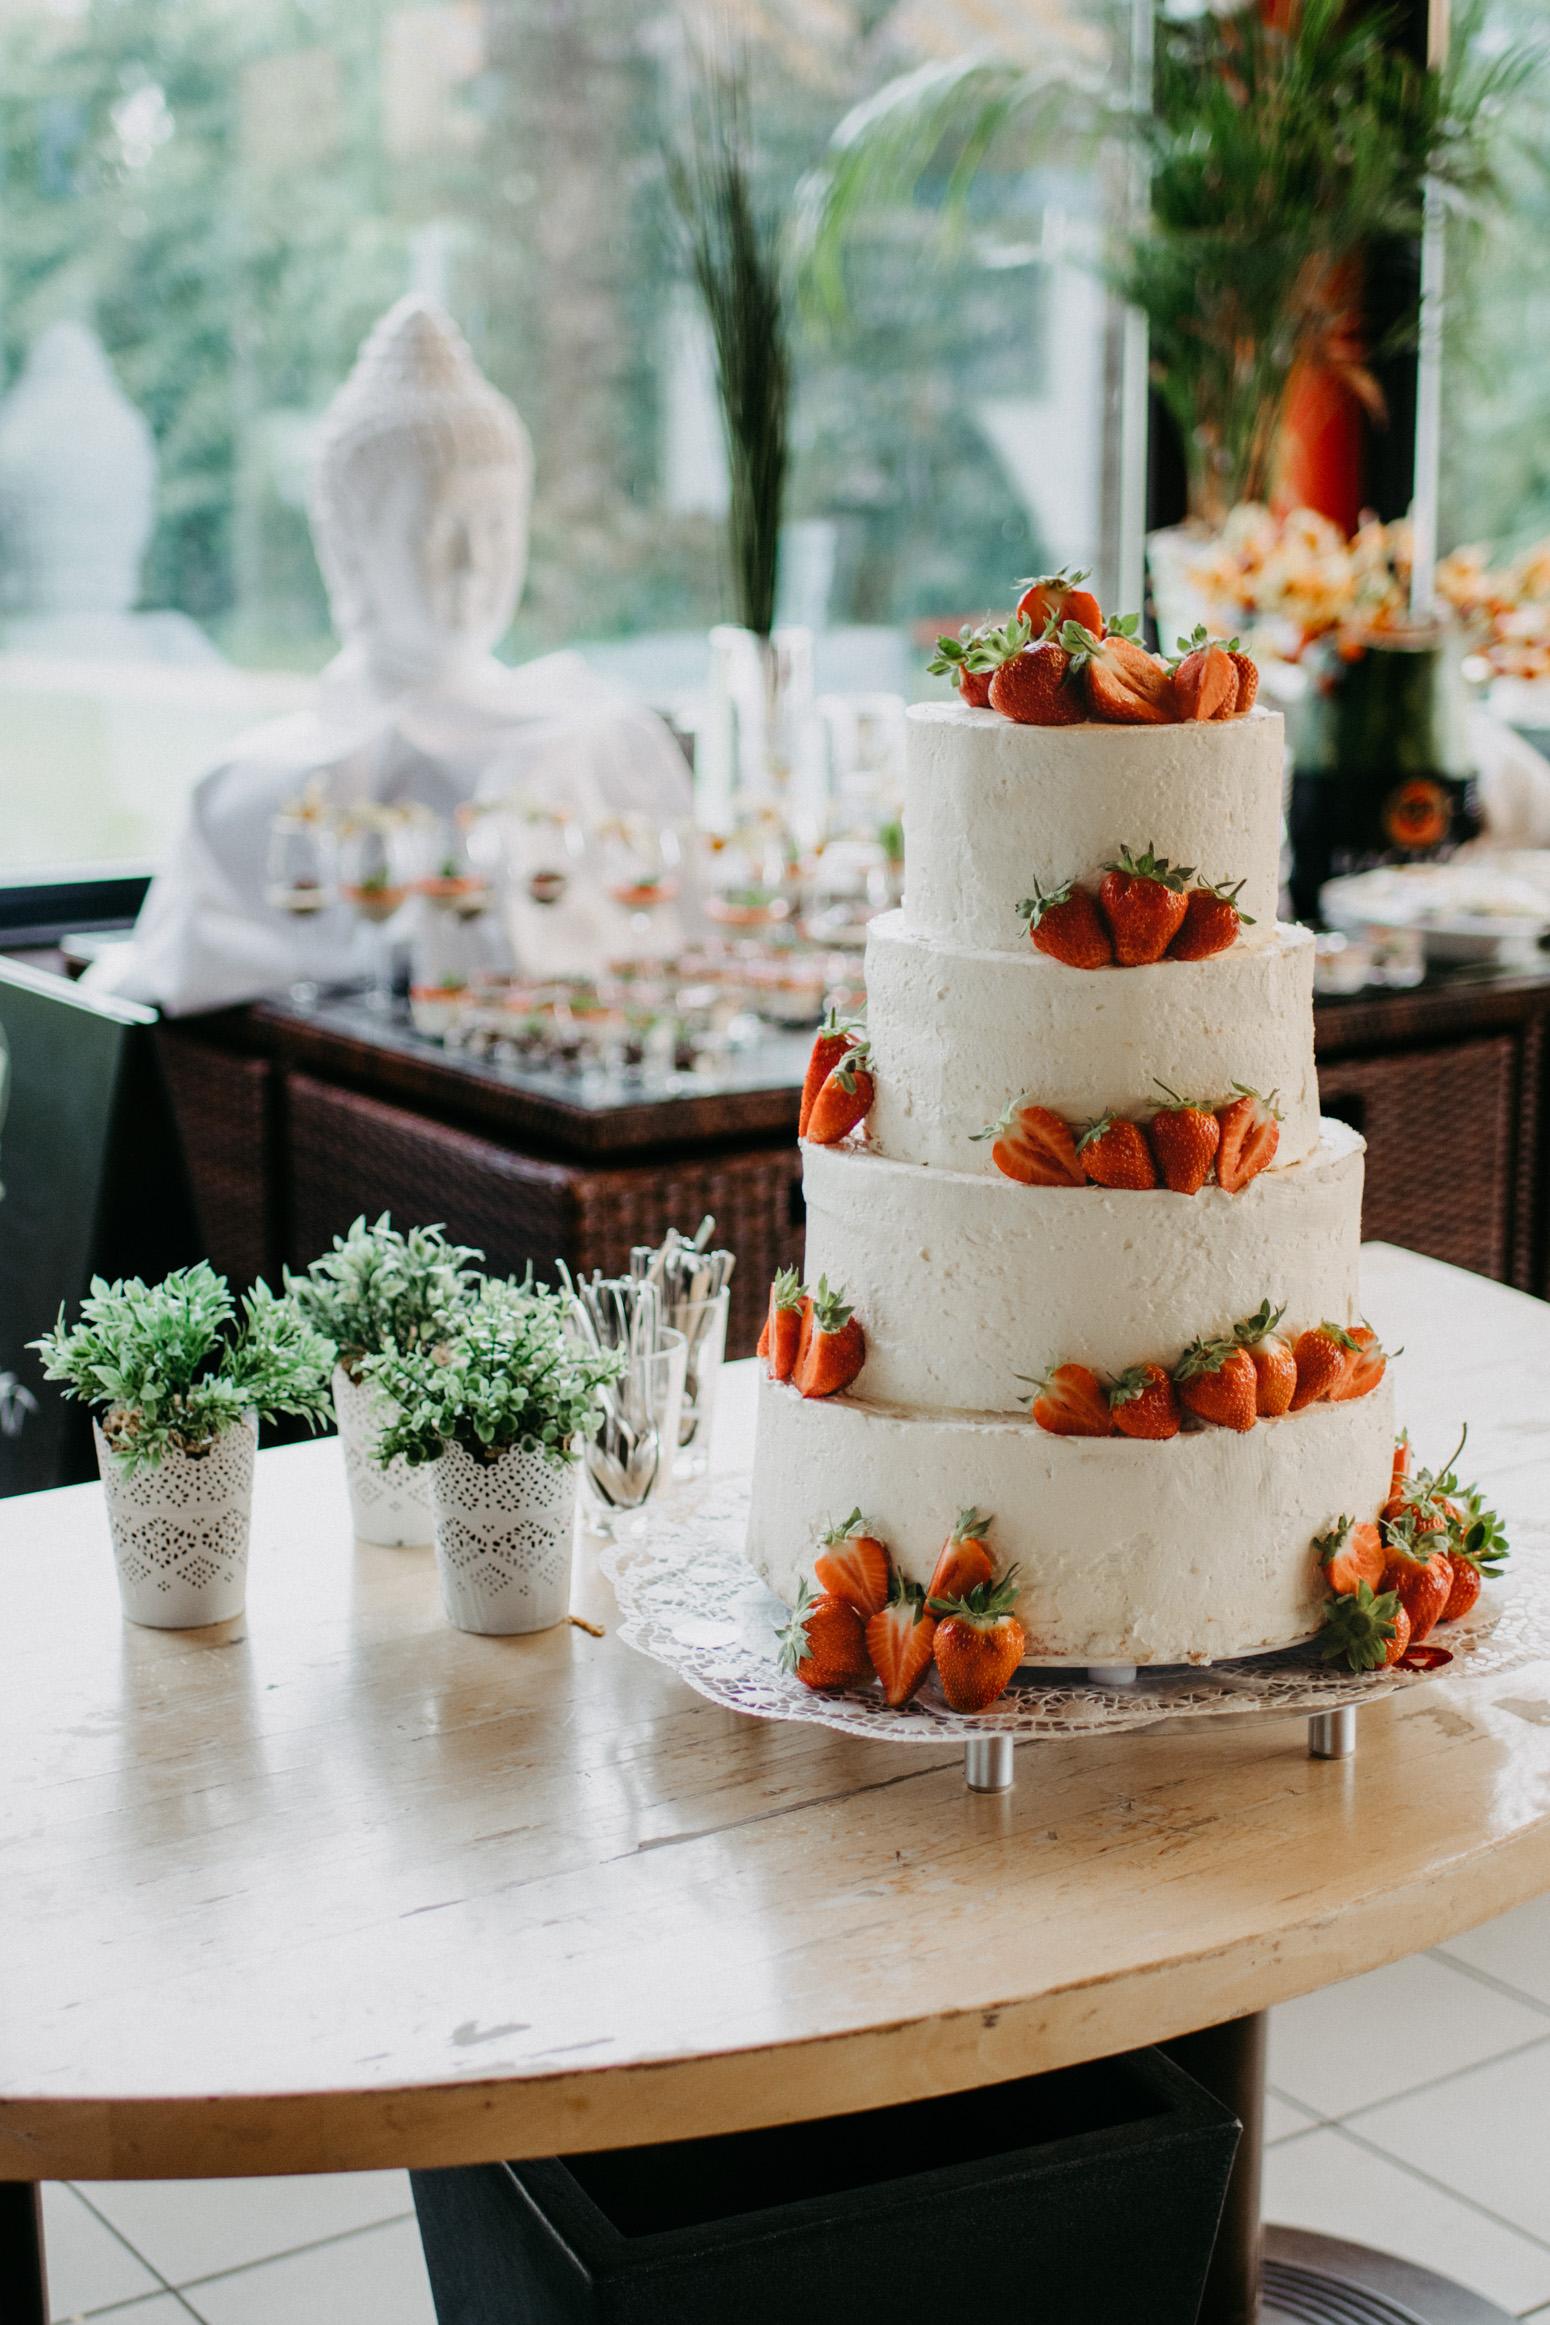 Hochzeitstorte von Martin Heimbach in der R-Lodge in Bad Honnef